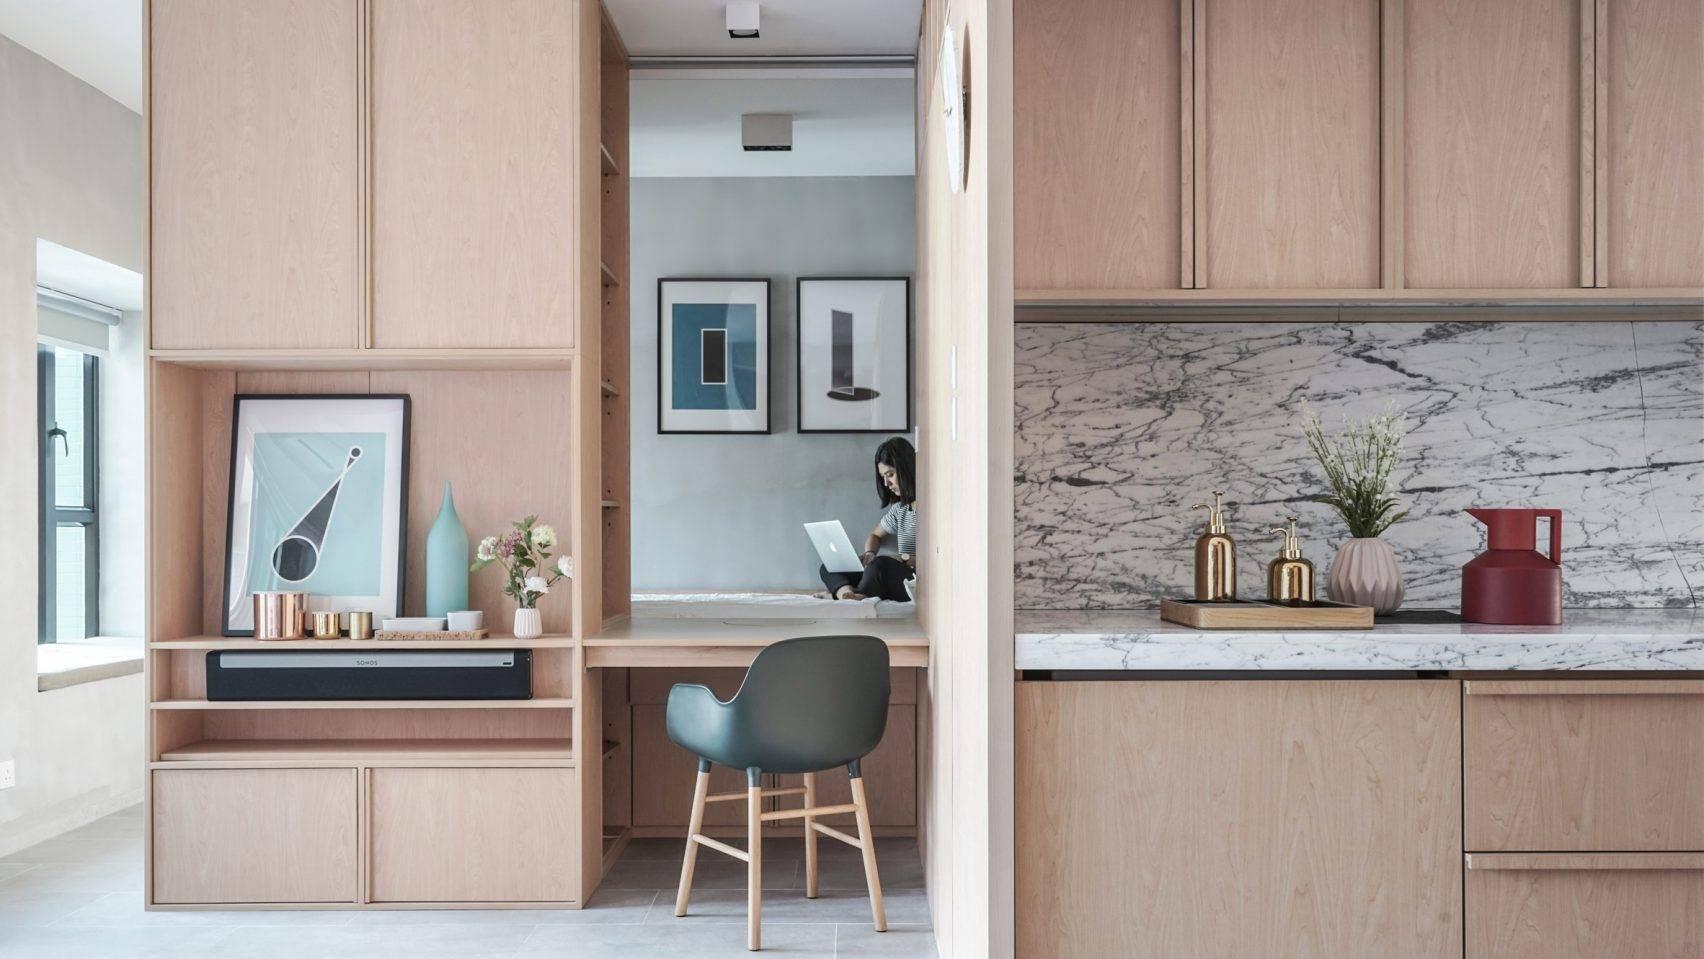 Ở nơi nhà đắt nhất thế giới, căn hộ nhỏ của cặp vợ chồng trẻ trở nên rộng gấp đôi nhờ giải pháp này - Ảnh 7.